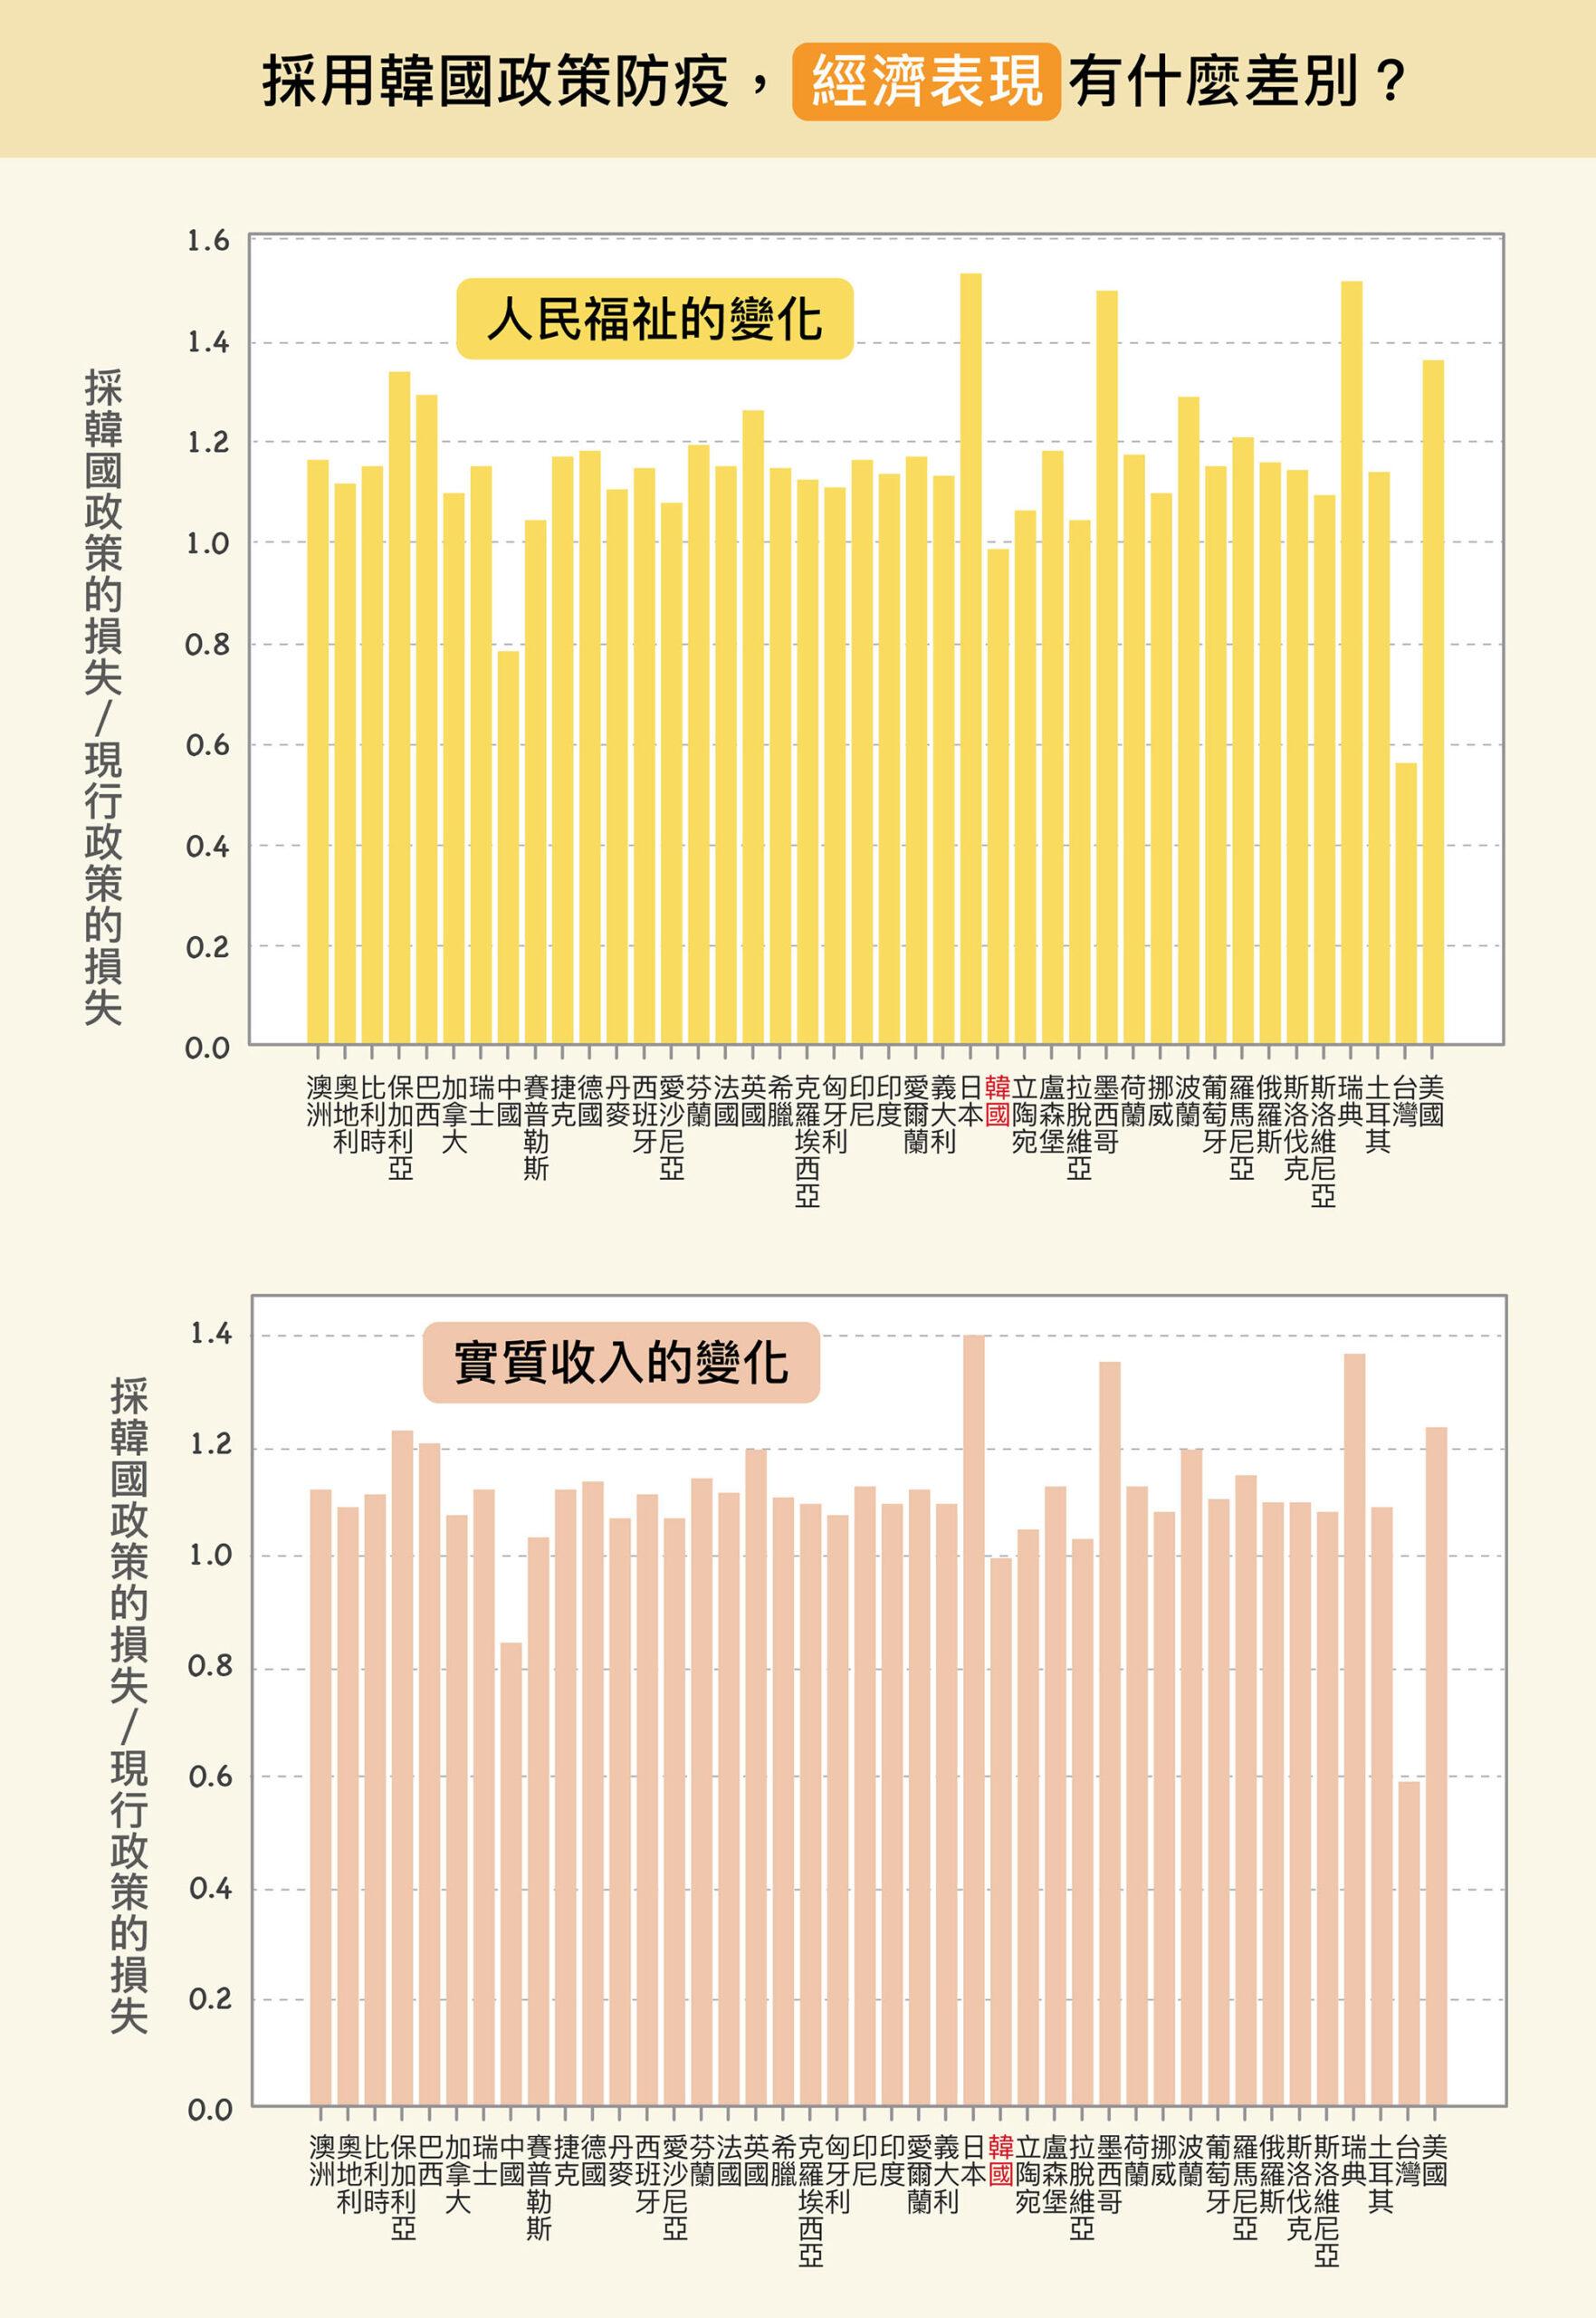 但短期實施後,各國將面臨經濟衝擊。除了中國、台灣的經濟損失會減少,其他國家的經濟反而更慘烈。原因是,韓國比多數國家防疫限制更嚴格,經濟衝擊因而增加。圖│研之有物(原圖、資料來源│楊宗翰、許文泰、林軒馳)